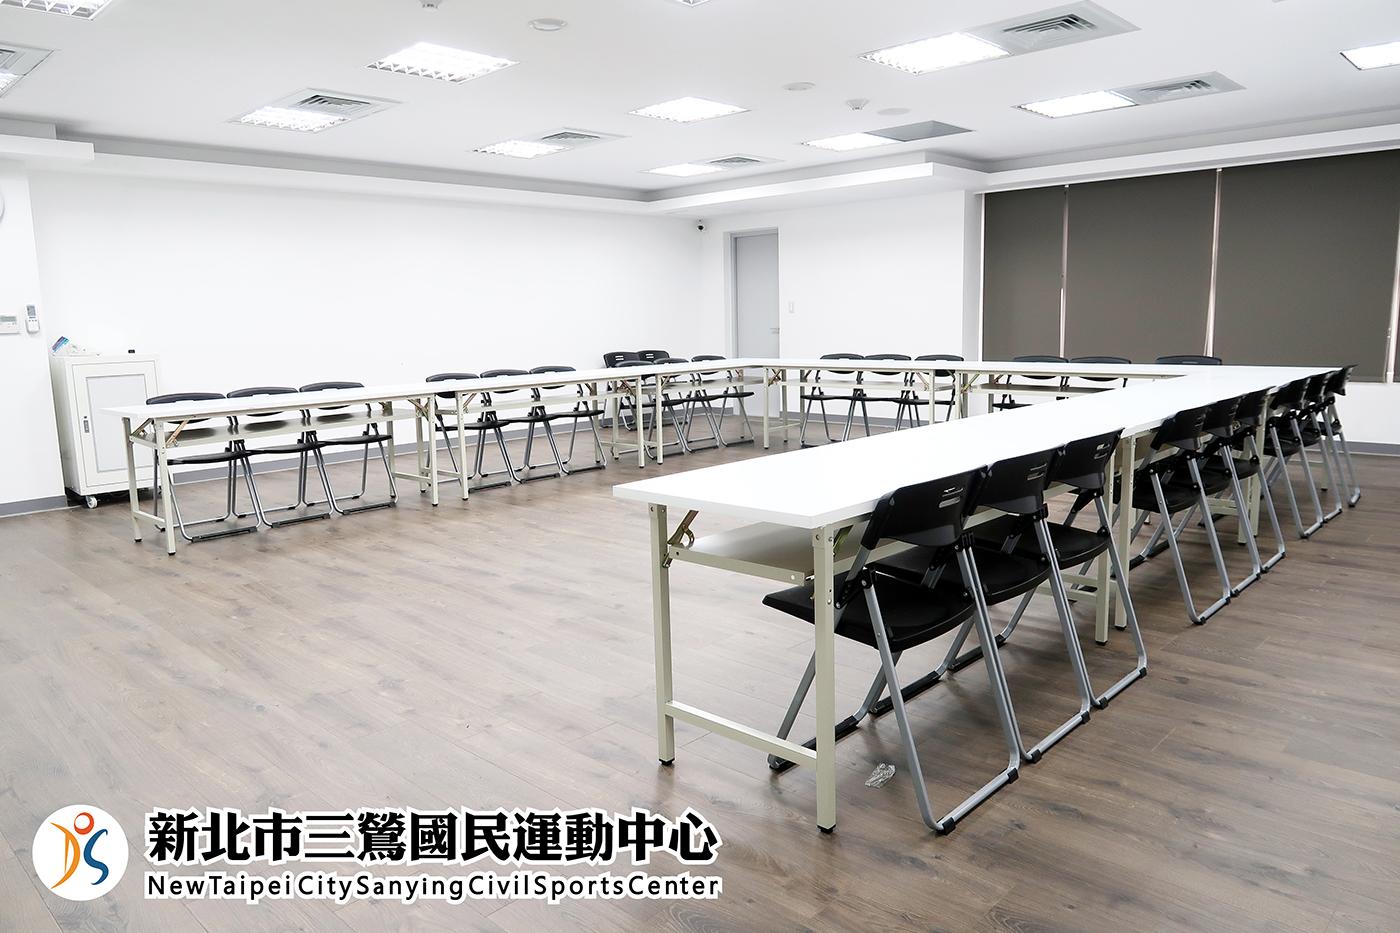 會議室燈光明亮座位充足(jpg)